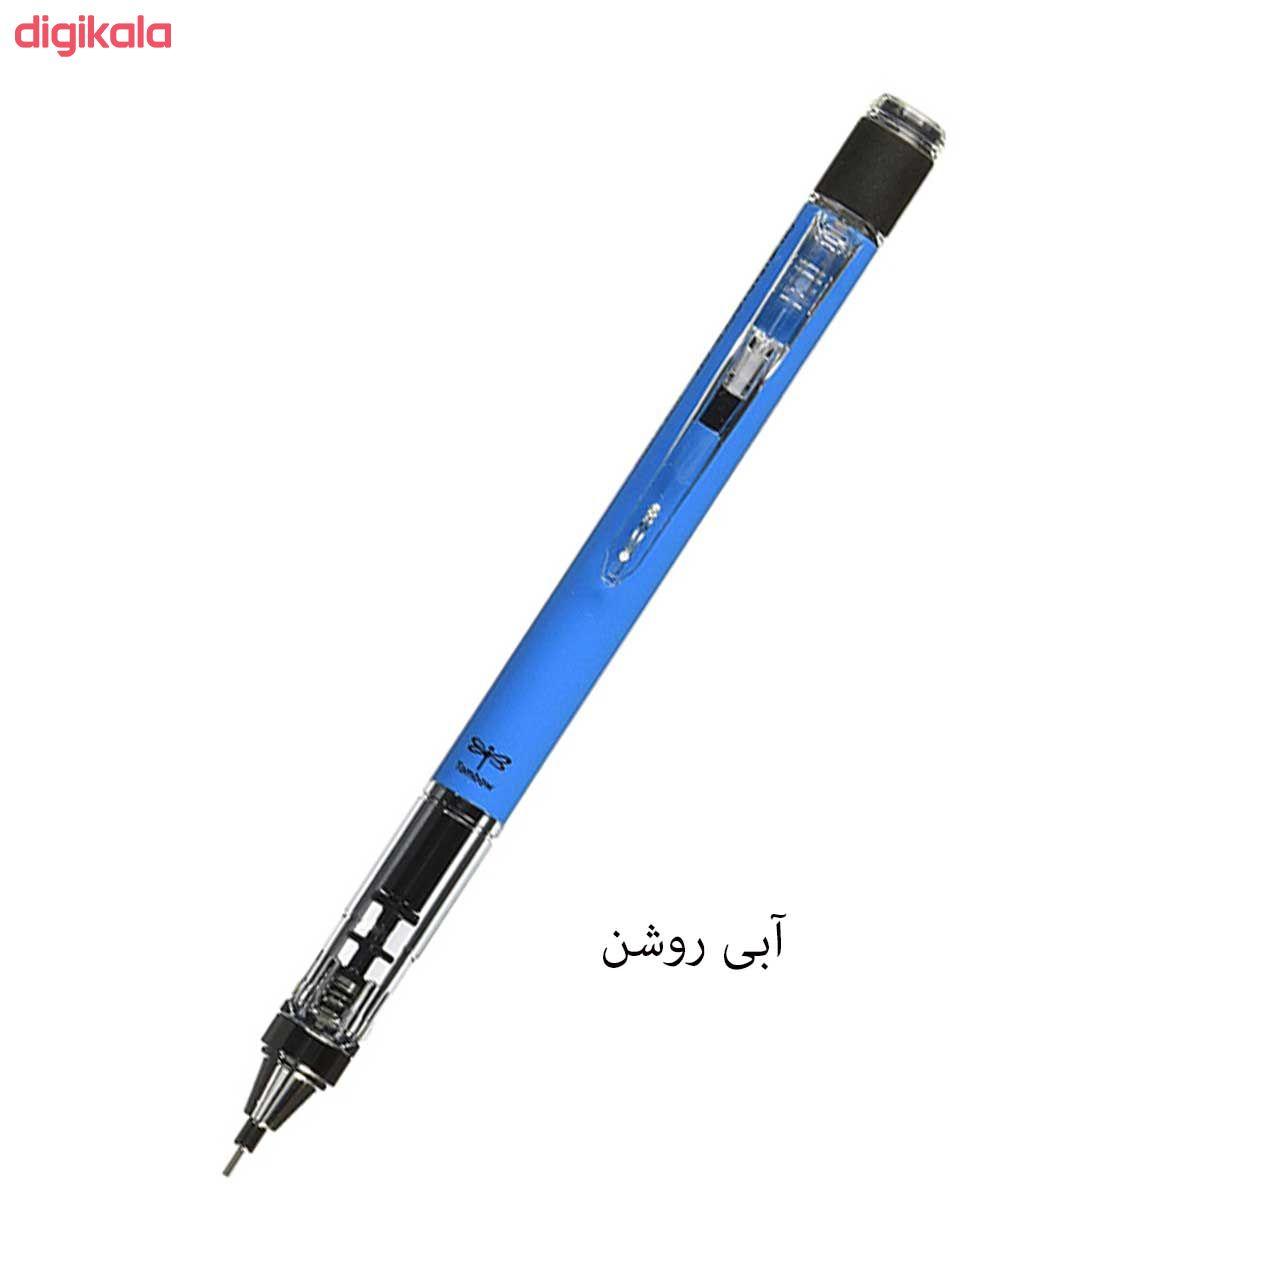 مداد نوکی 0.5 میلی متری تومبو مدل MONO GRAPPH main 1 13